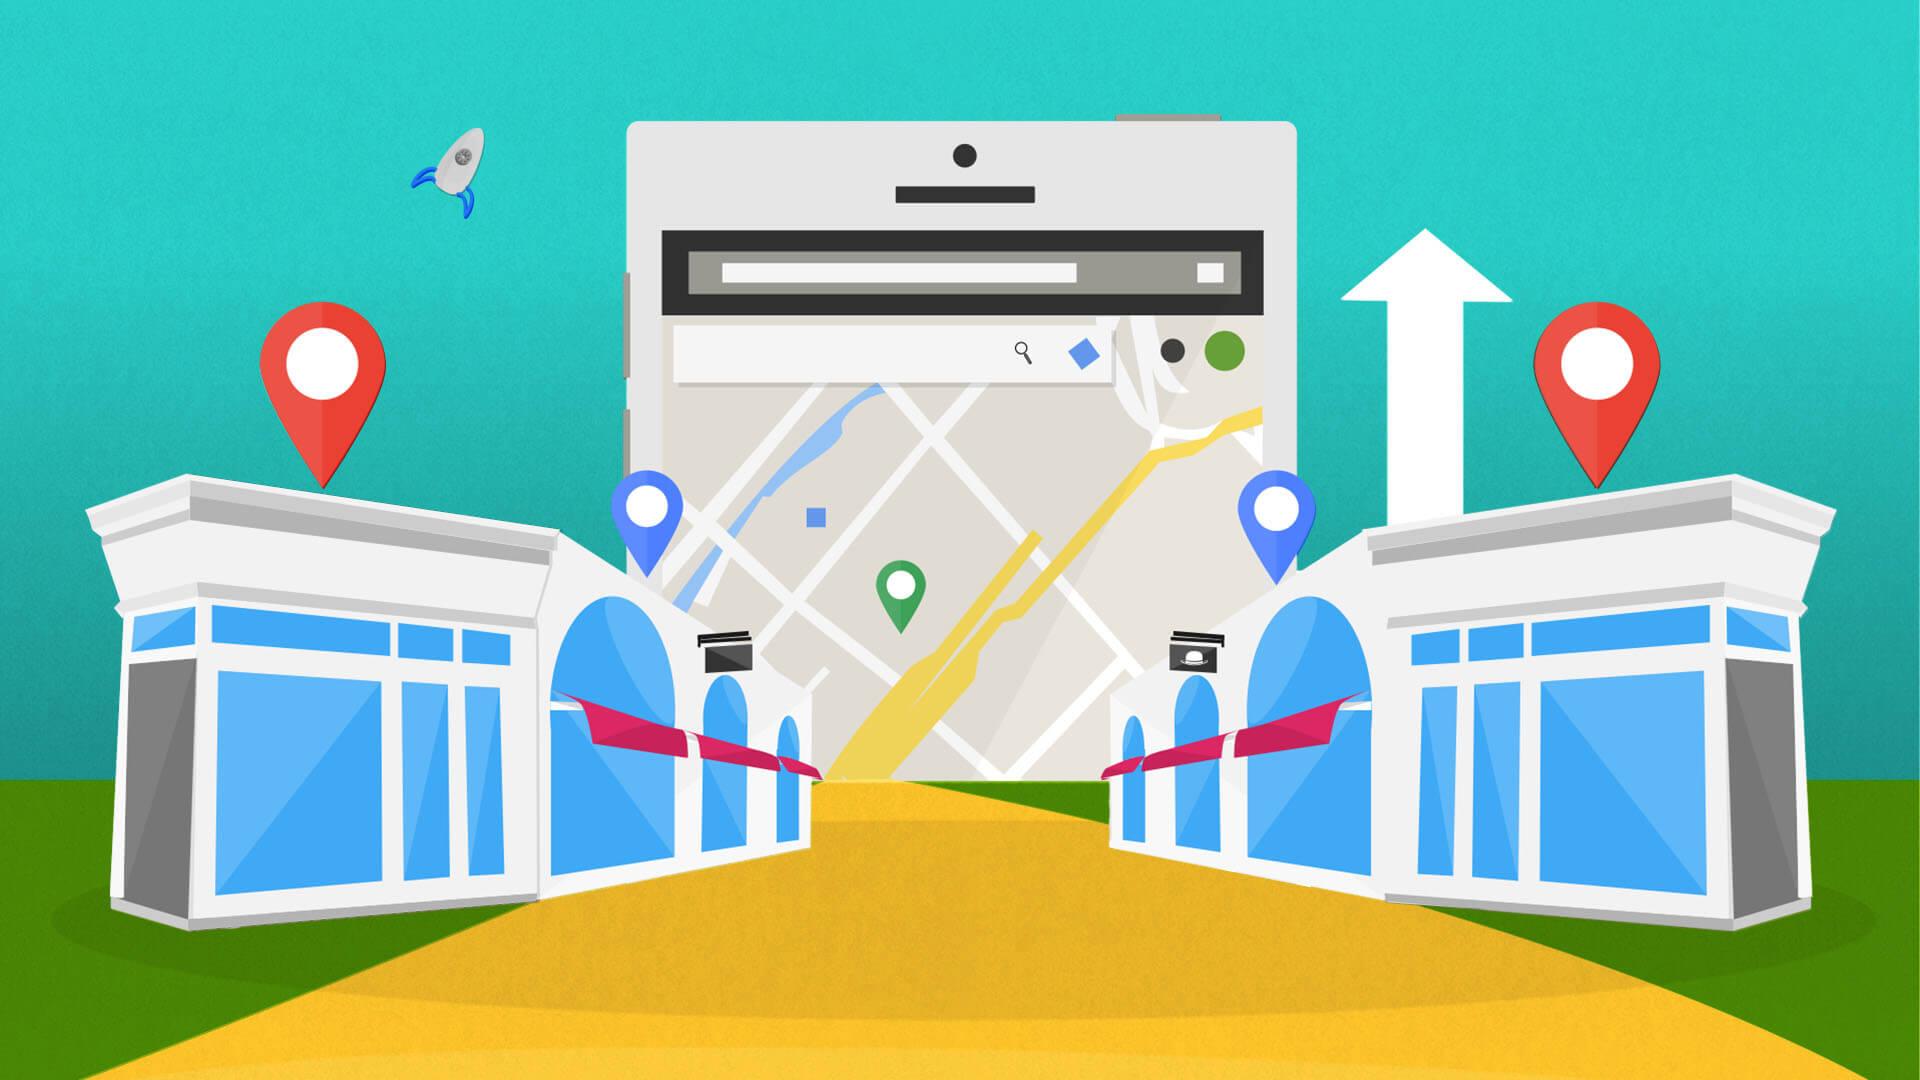 Cómo posicionar un negocio pequeño en Google sin gastar dinero